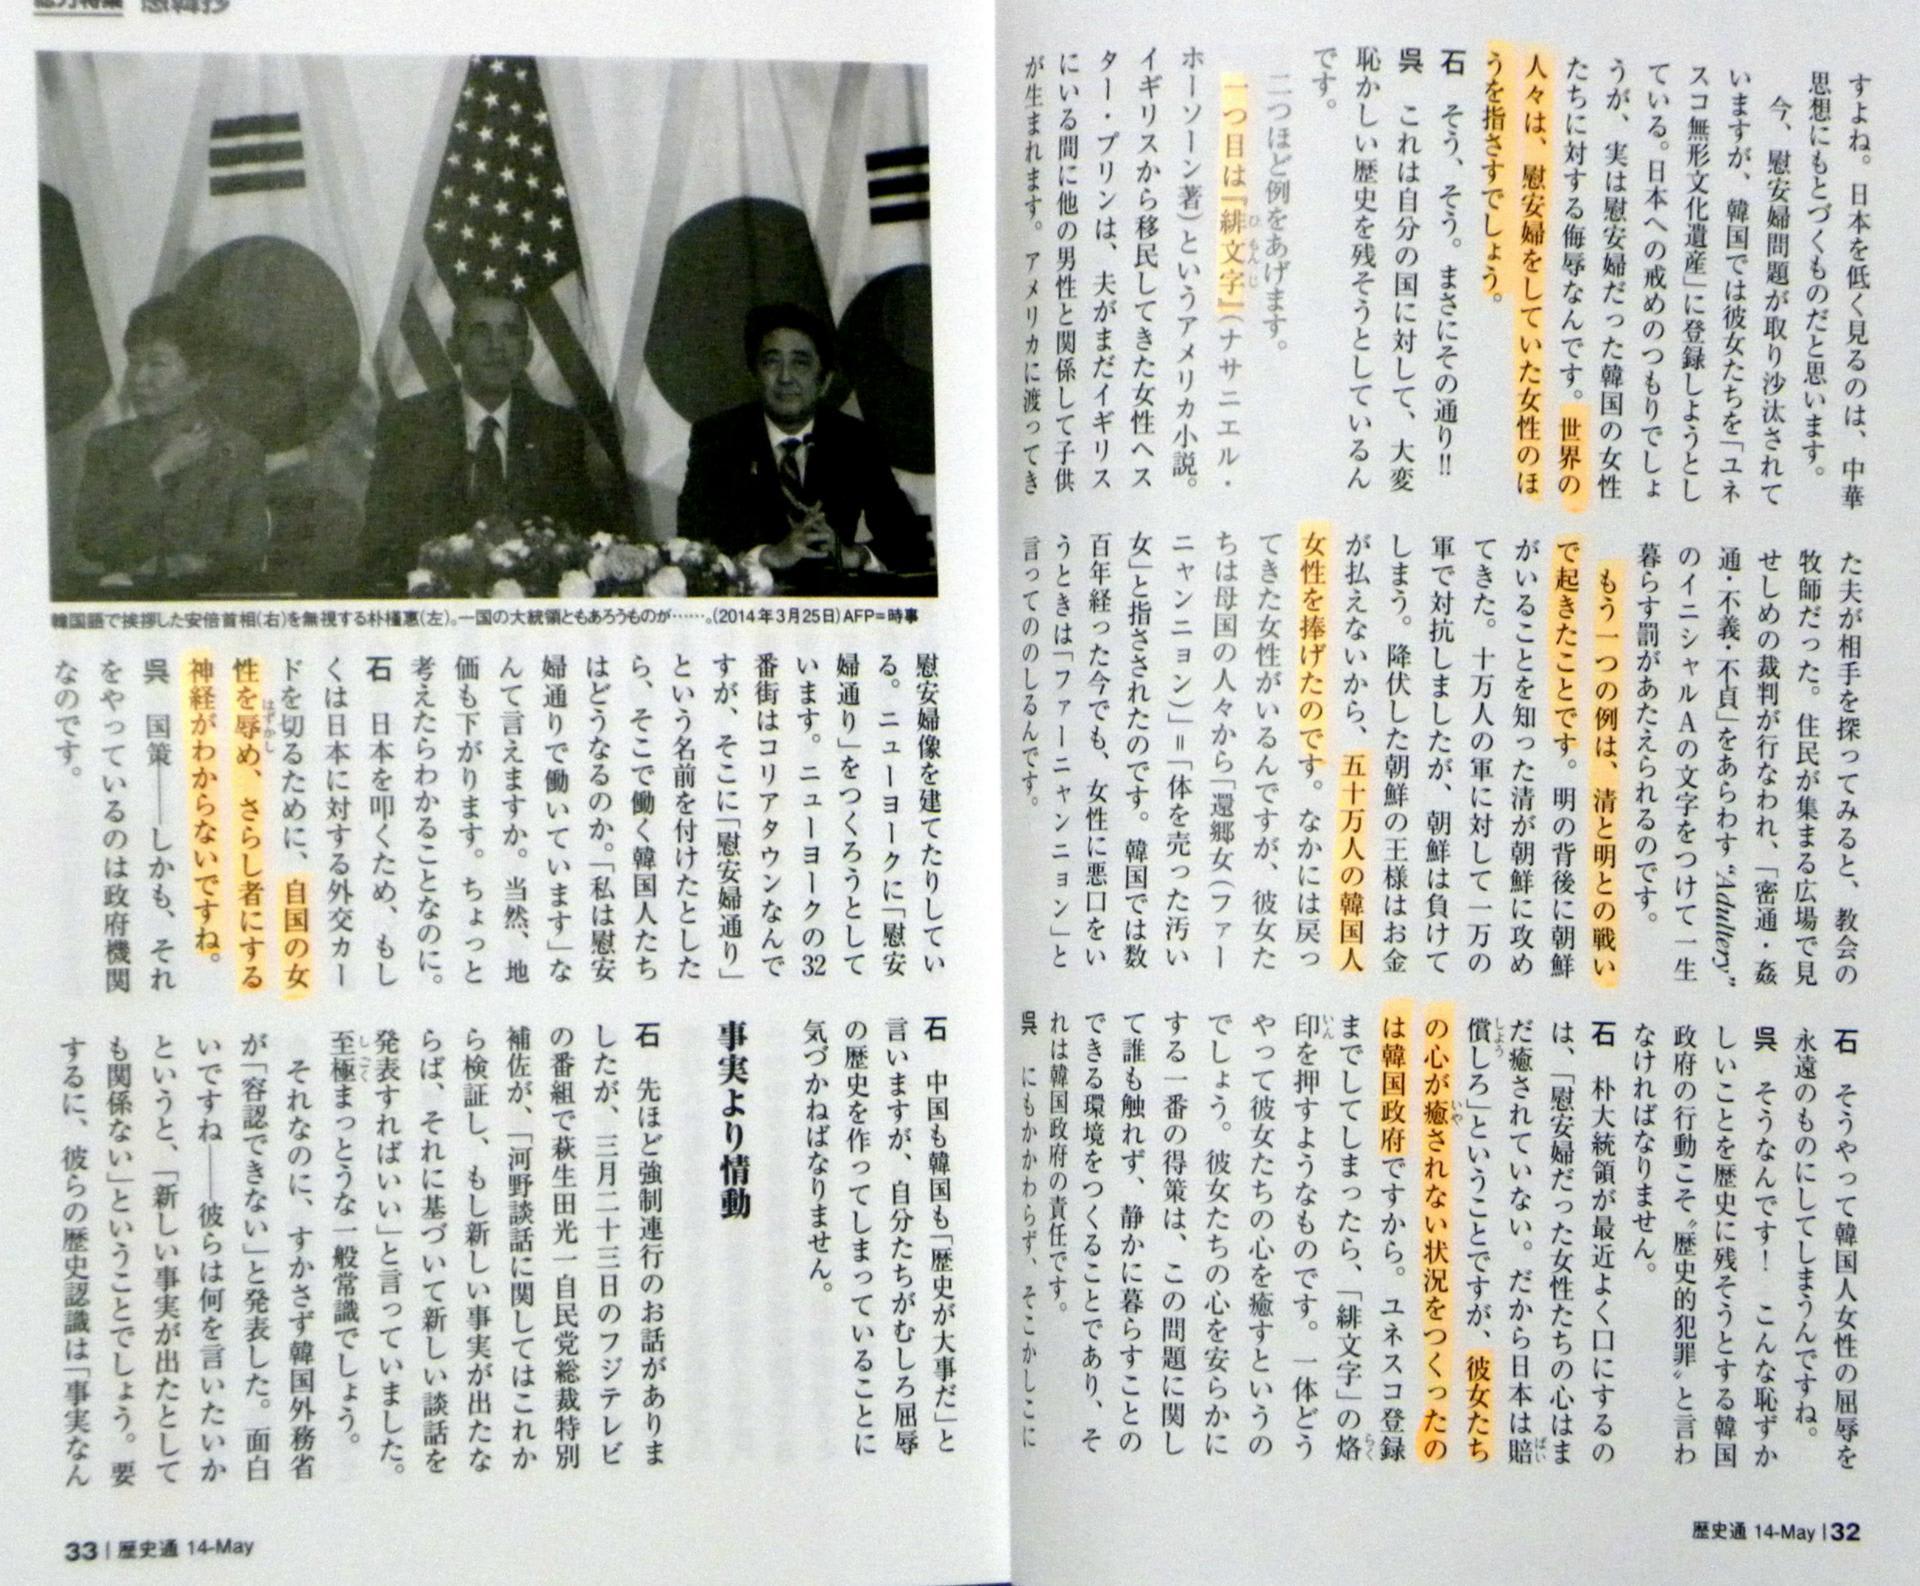 呉善花氏と石平氏の対談(同上) この話が頭から離れず、日本政府あるいは軍... Vol.1410